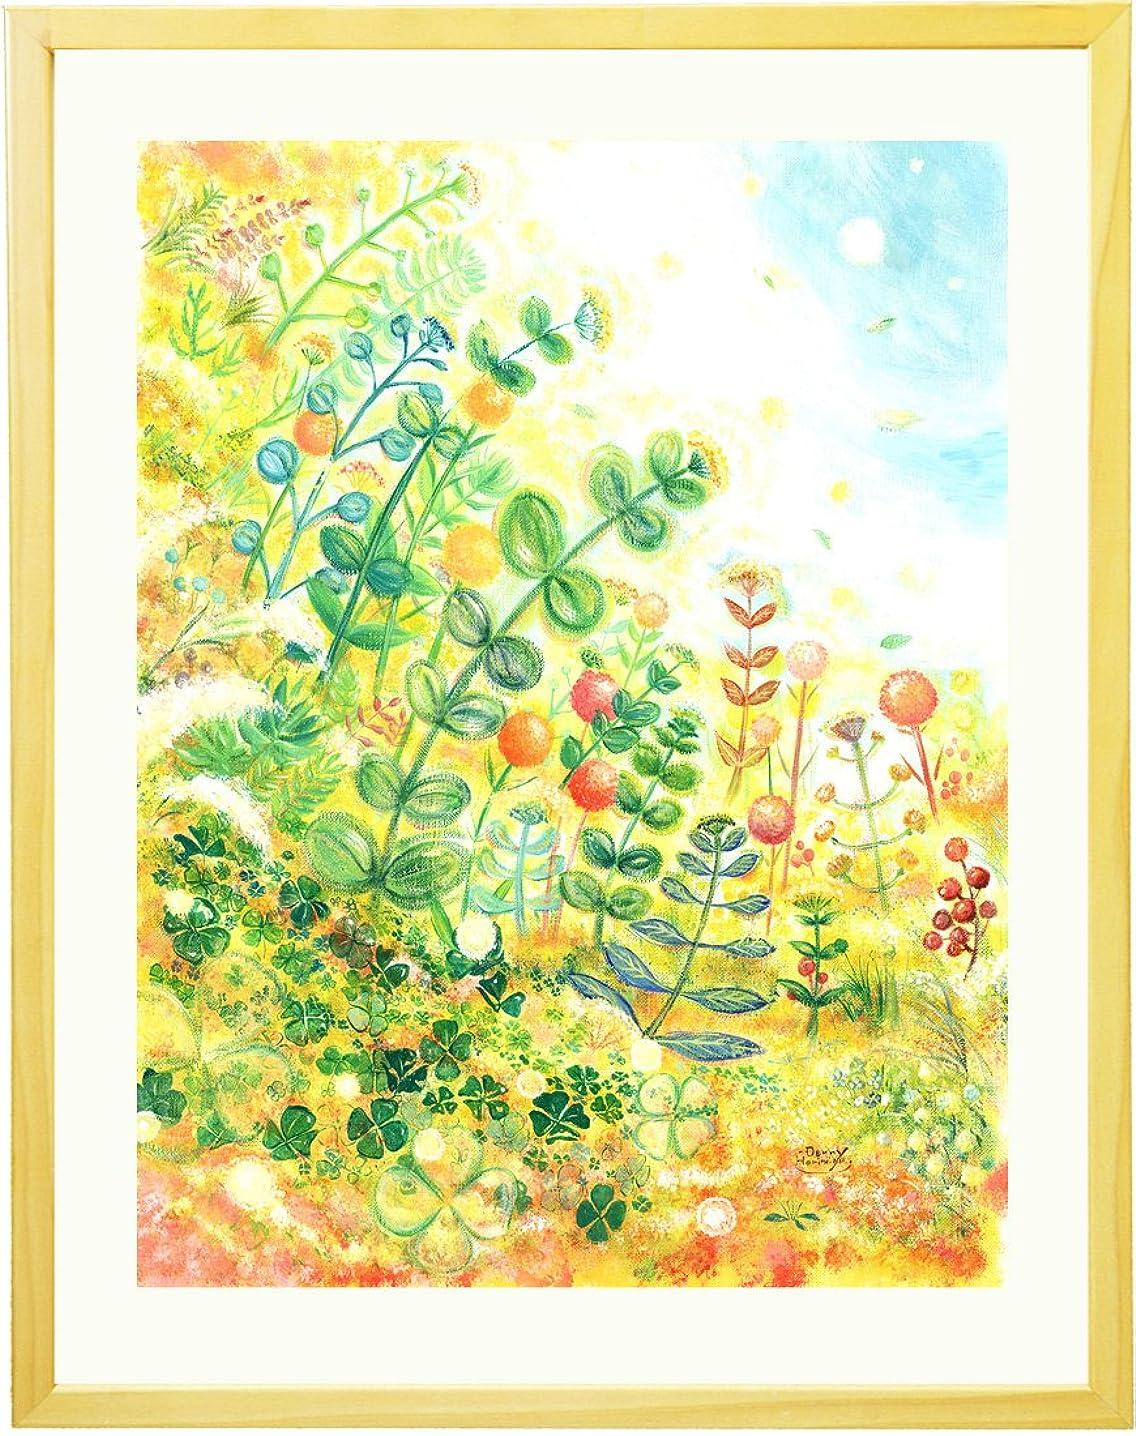 出席私靴絵画 インテリア グリーン 「grow」 額入り(ミニ) 観葉植物 卓上 壁掛け ナチュラル キッチン 北欧 雑貨 人気ランキング